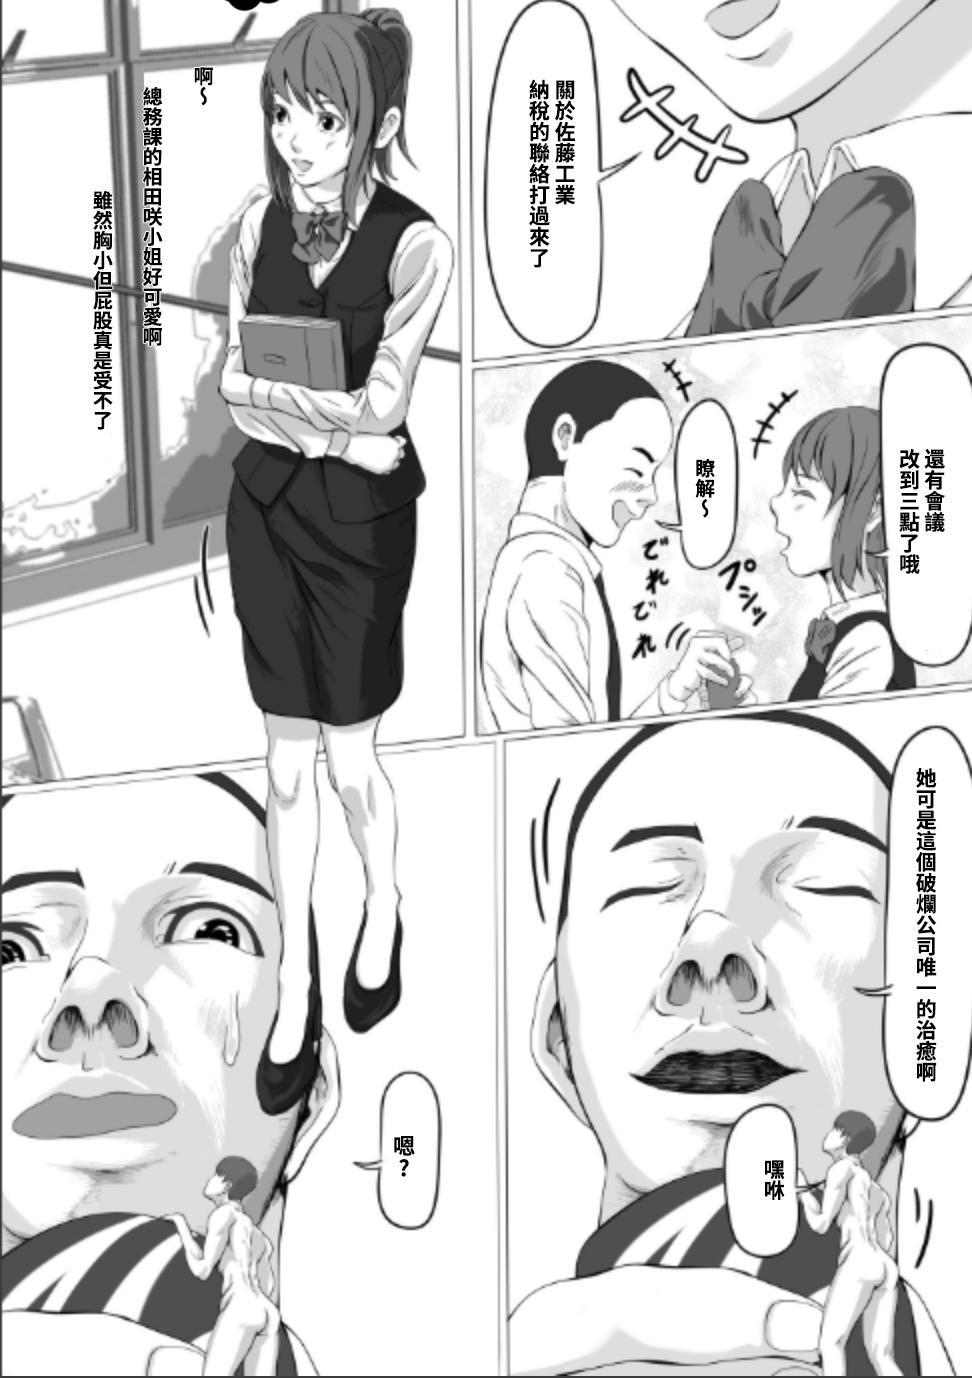 Chiisaku Natte OL ni Itazura Shiyo tto 3